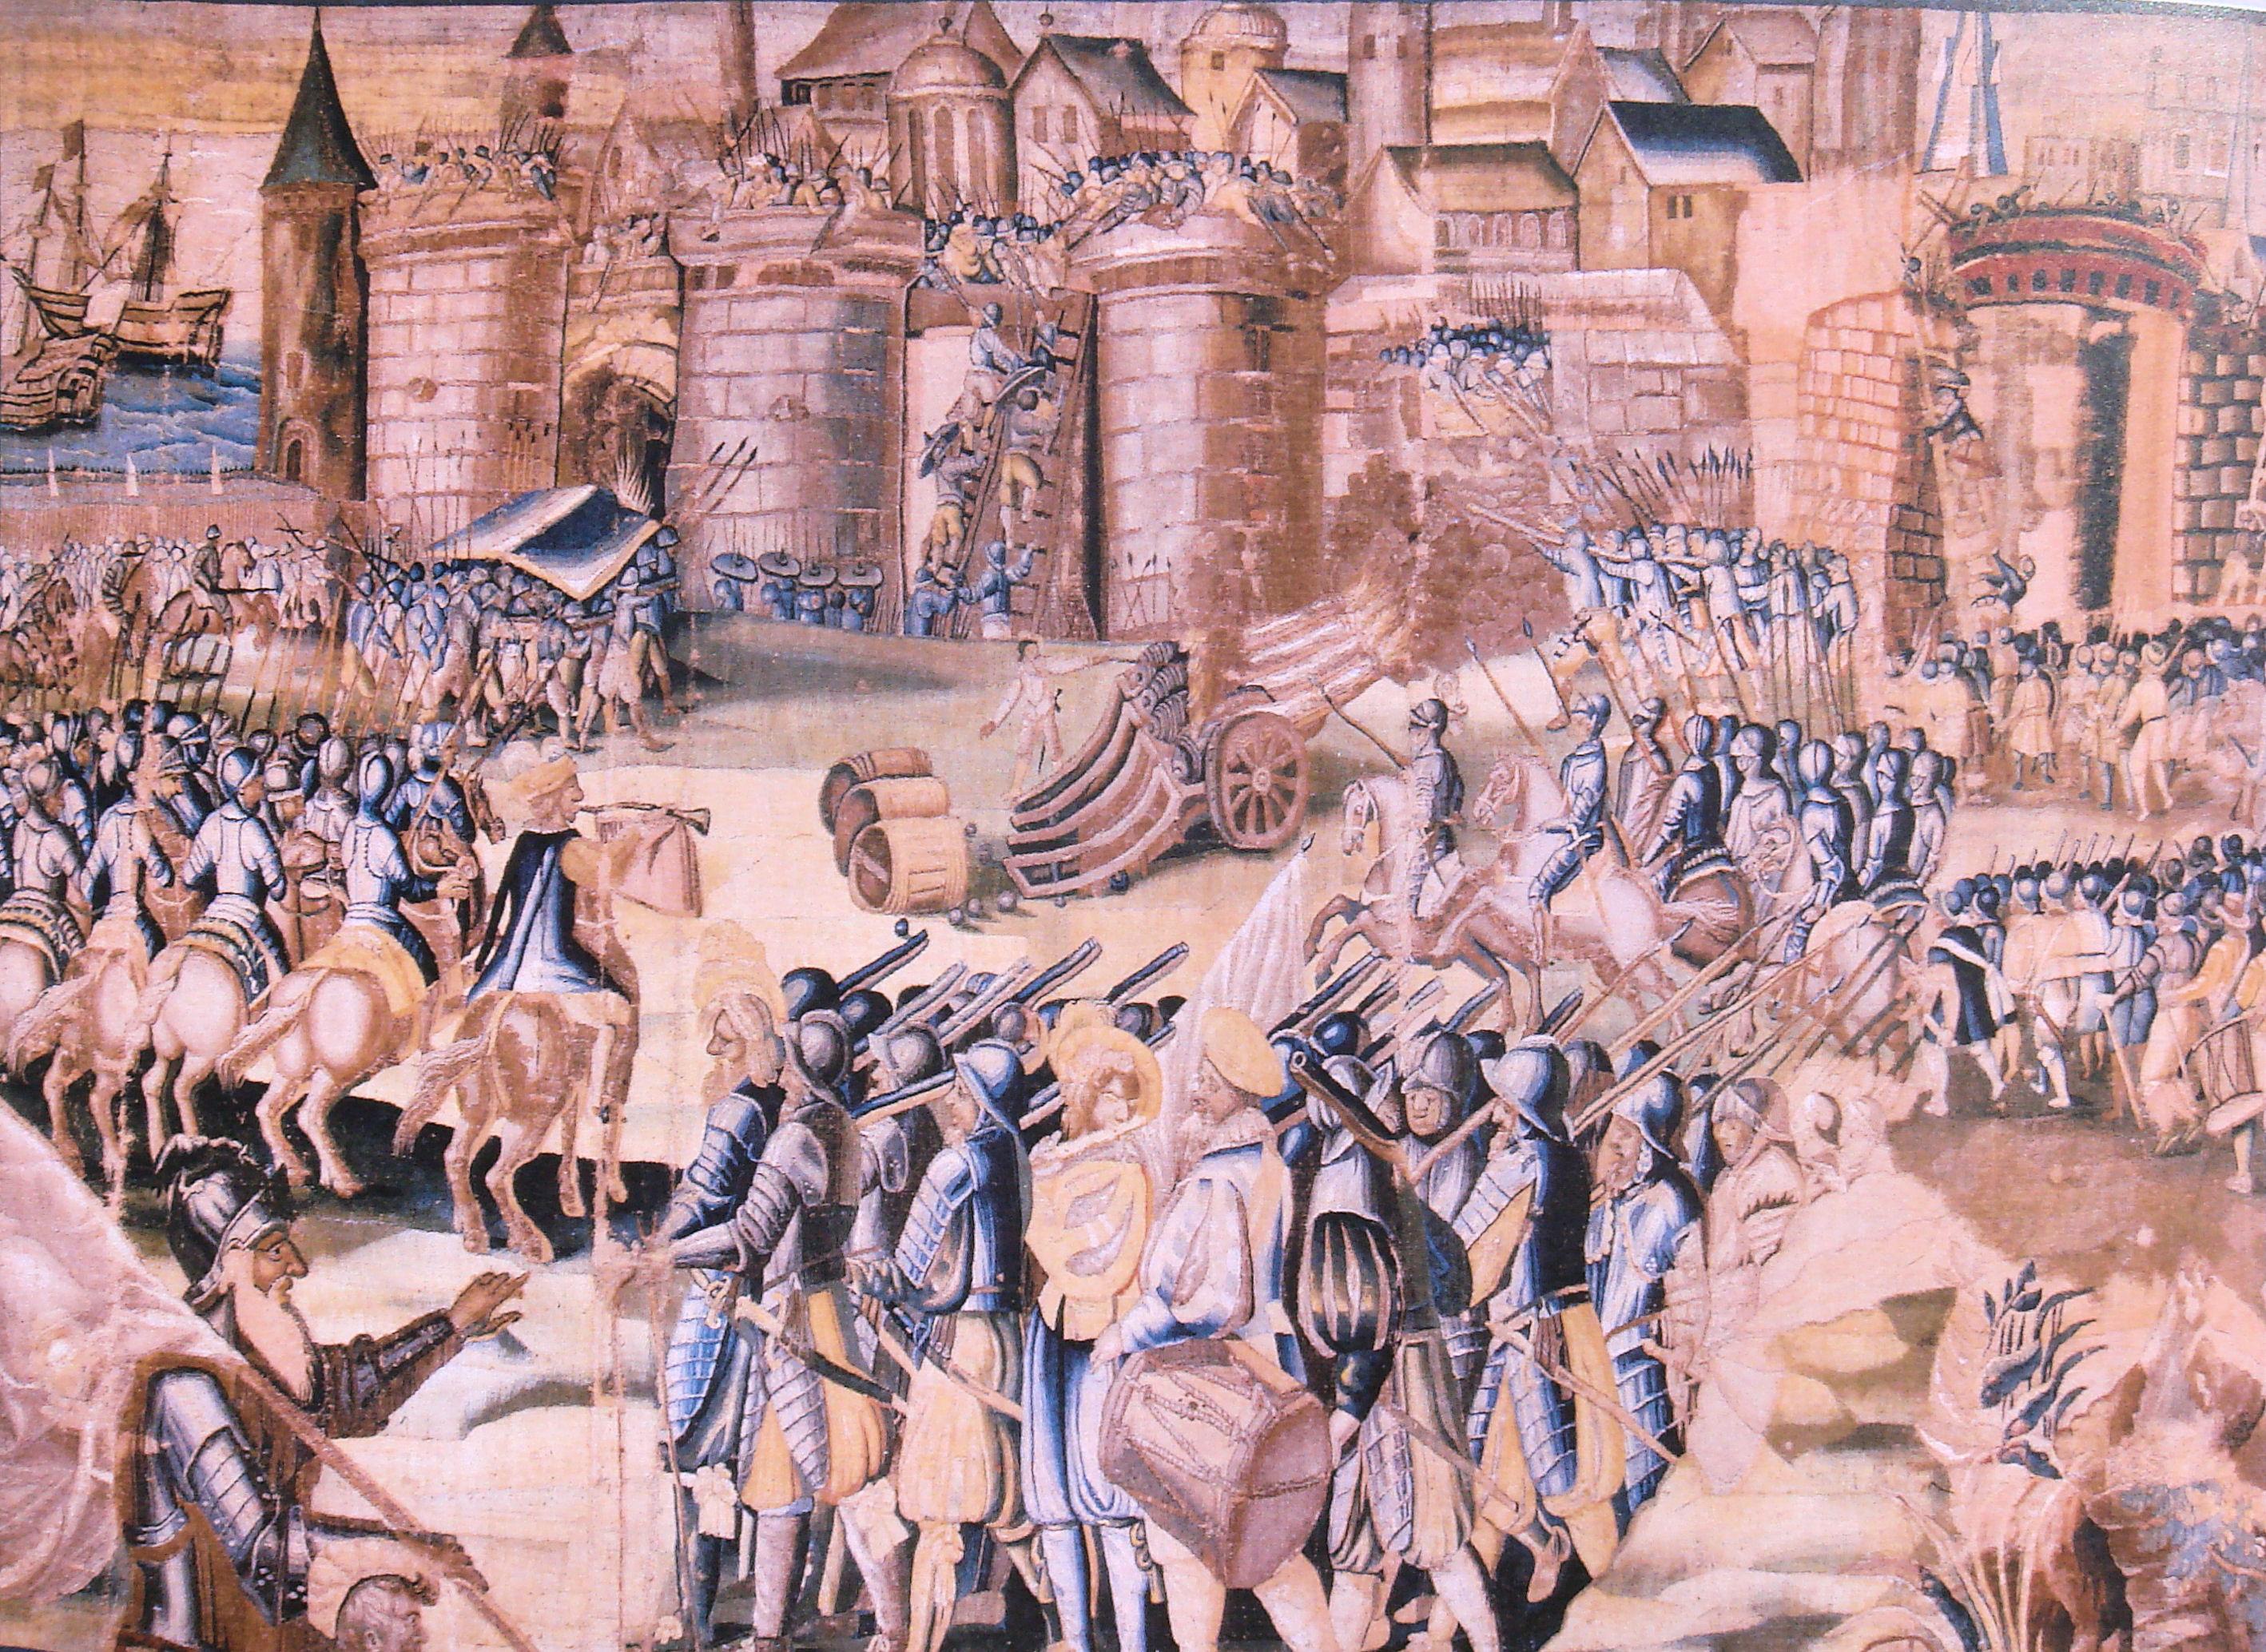 St bartholomew 39 s day massacre for Les 5 jardins saint barthelemy d anjou